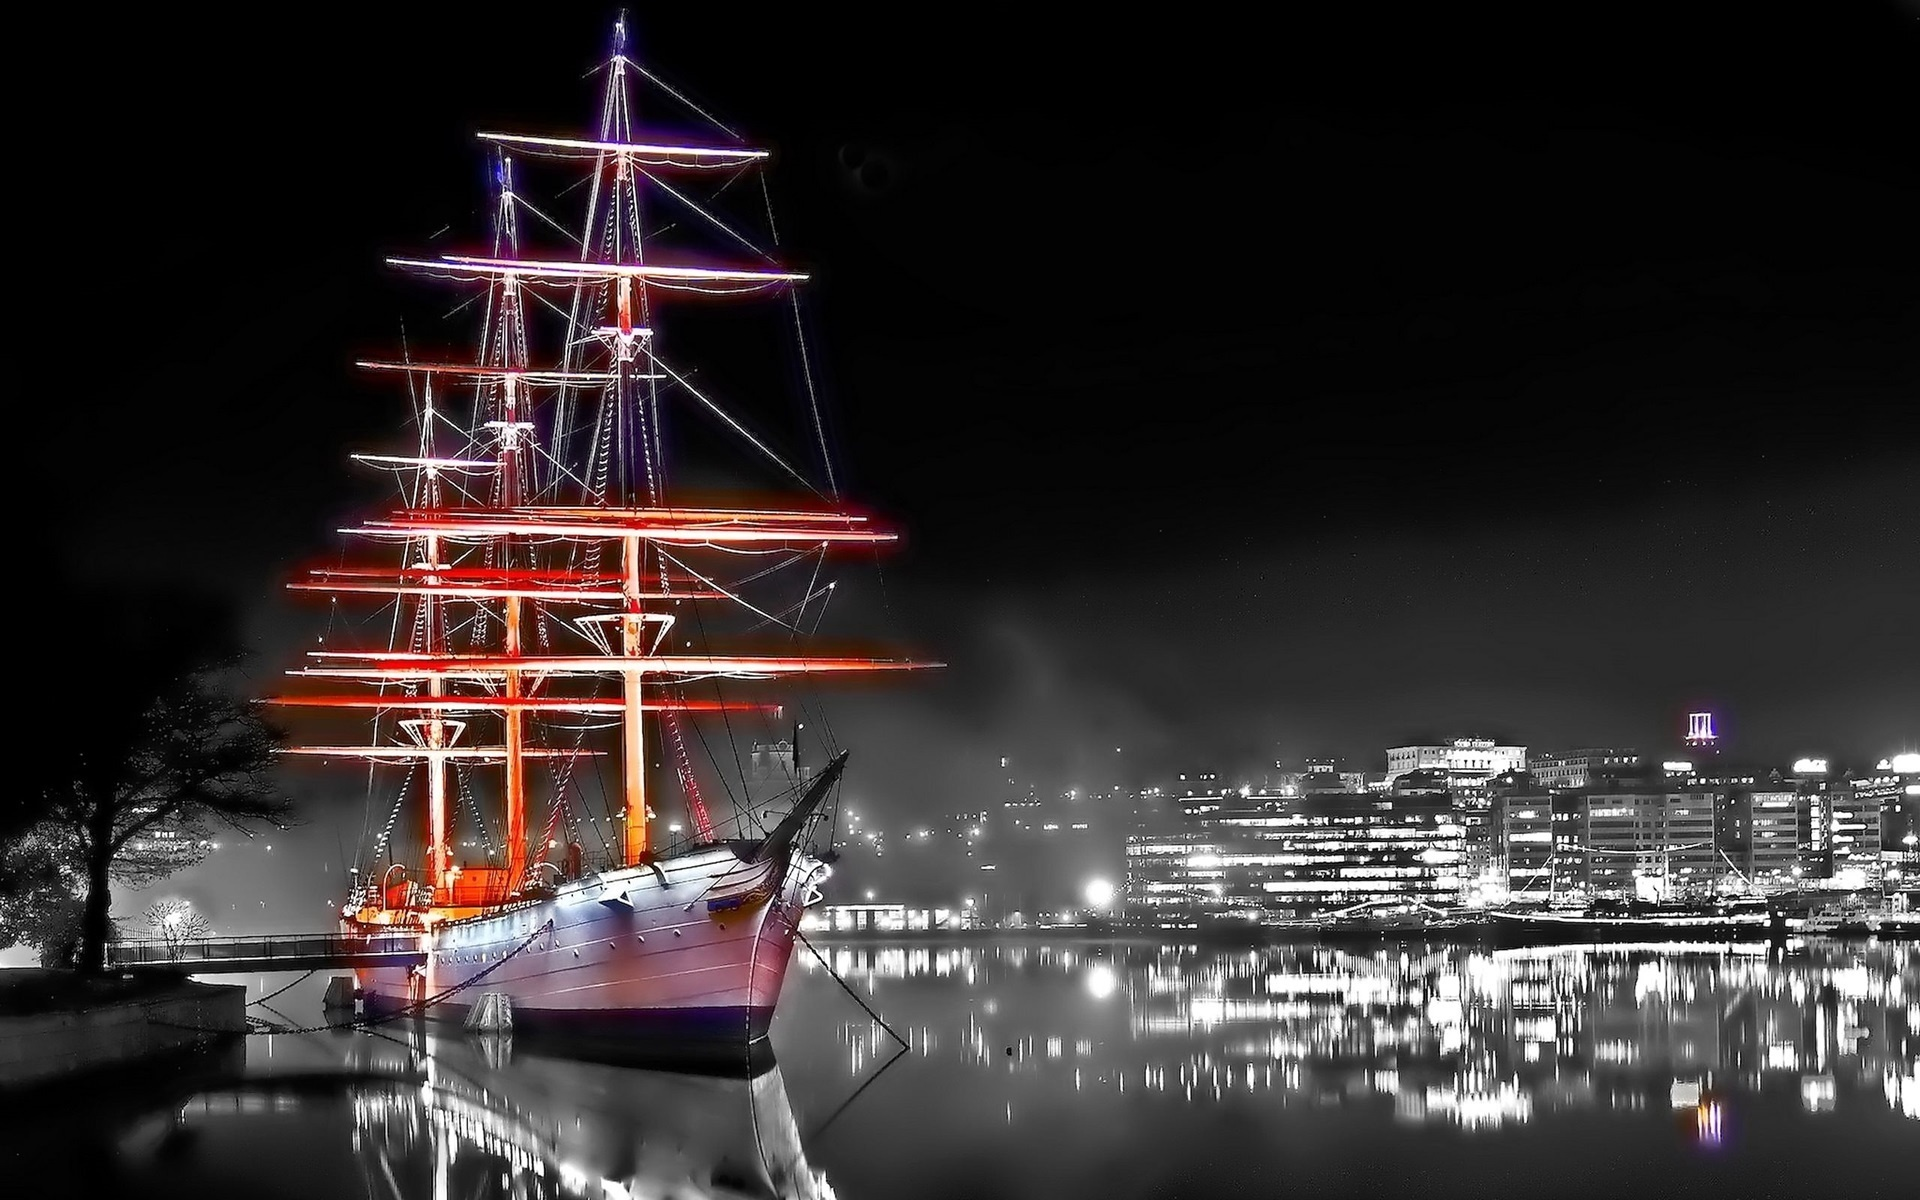 картинка корабль на телефон обои ищет